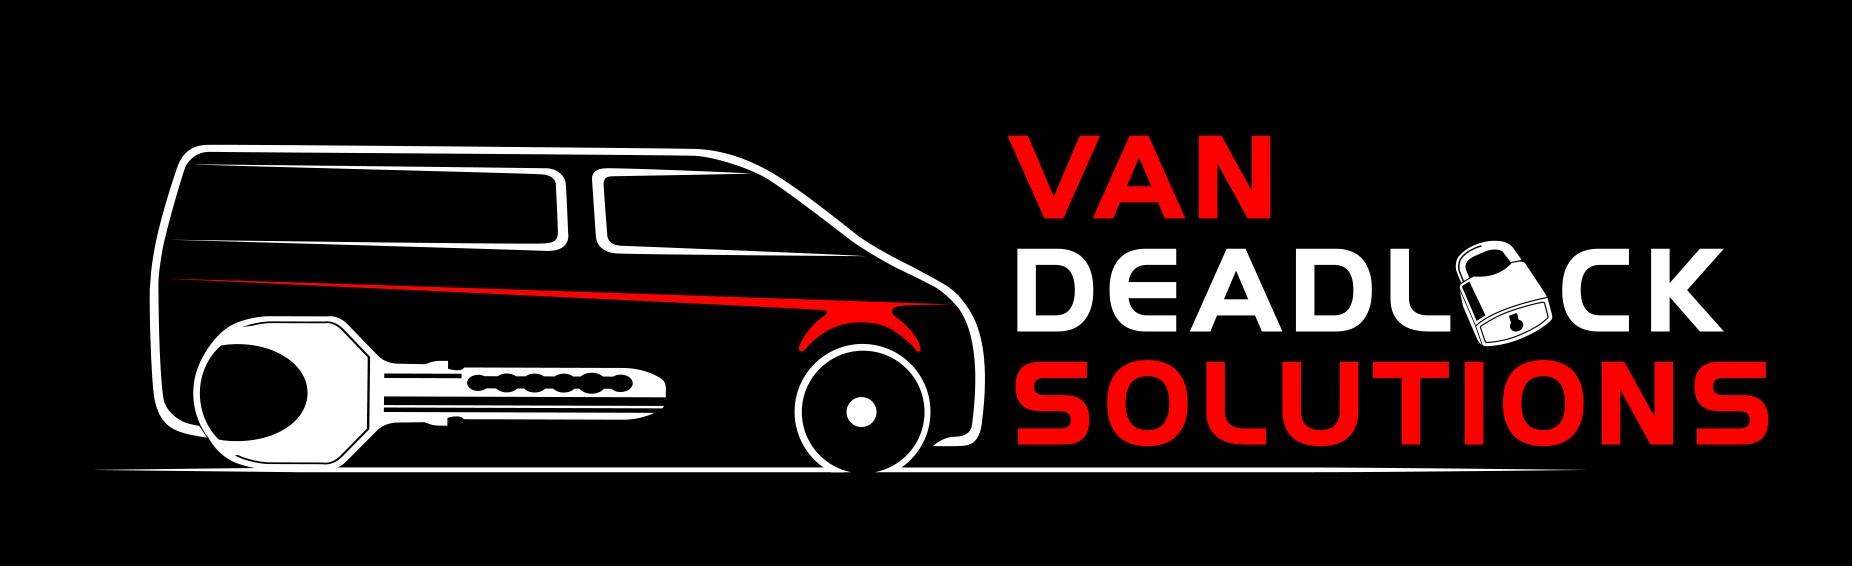 Van Deadlock Solutions Logo Black